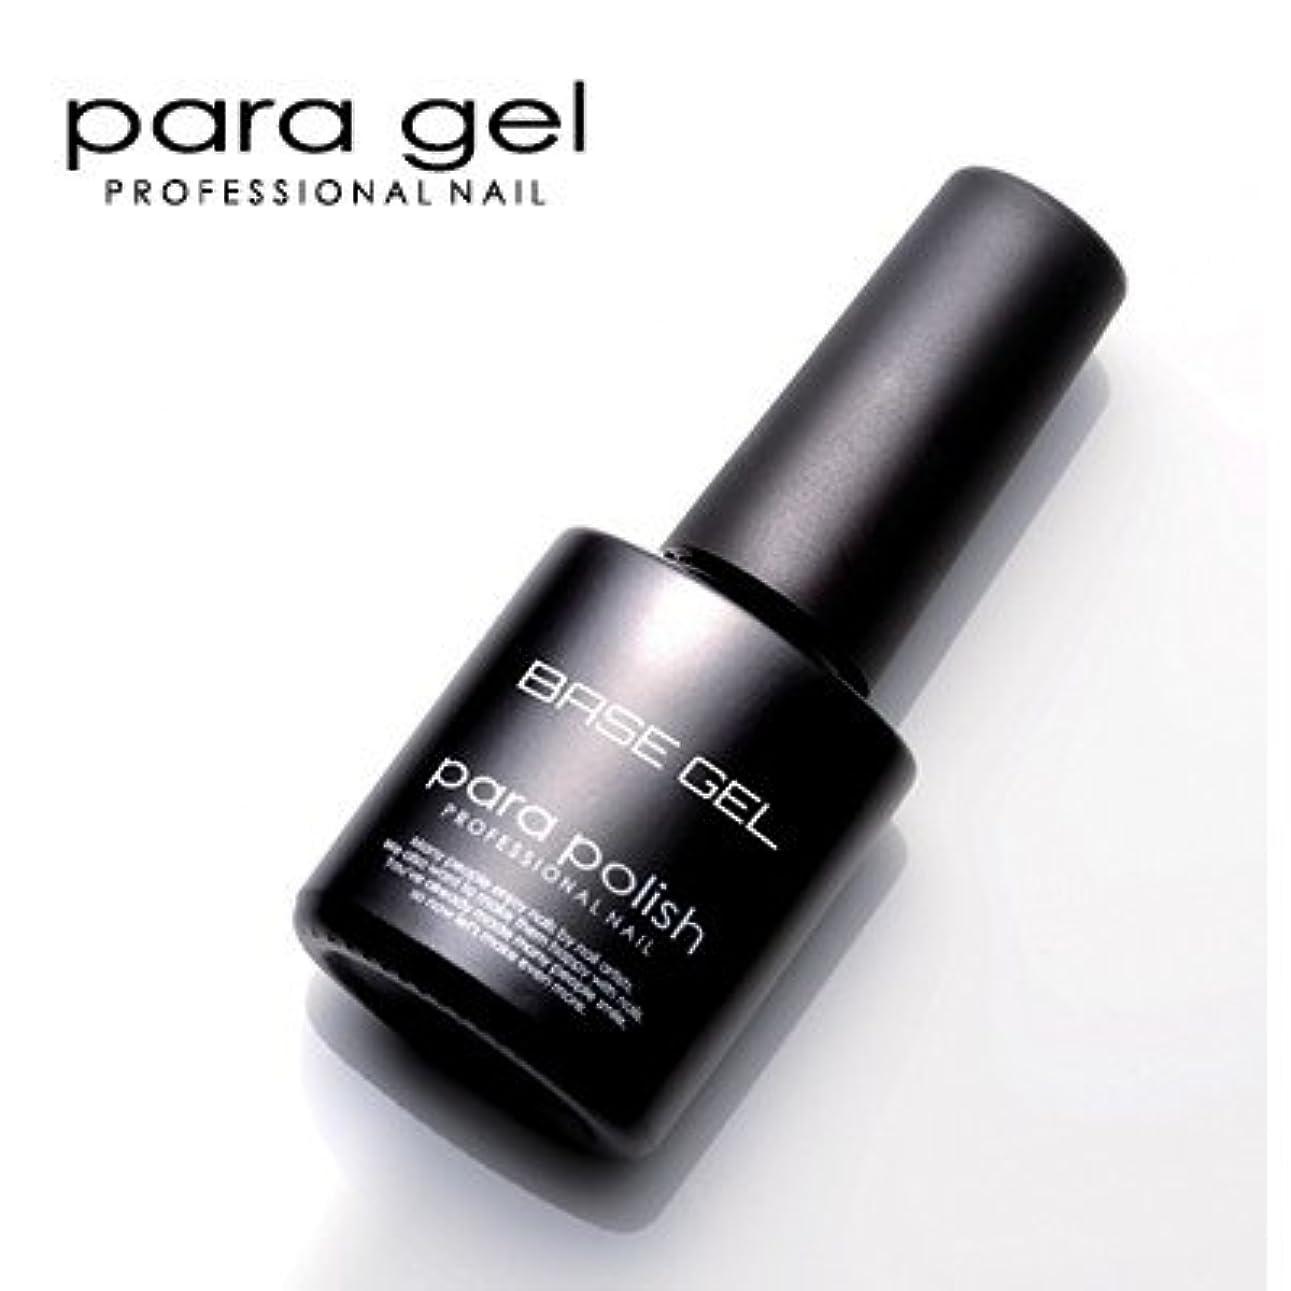 ケージ取り替える死にかけているパラジェル para polish(パラポリッシュ) ベースジェル 7g